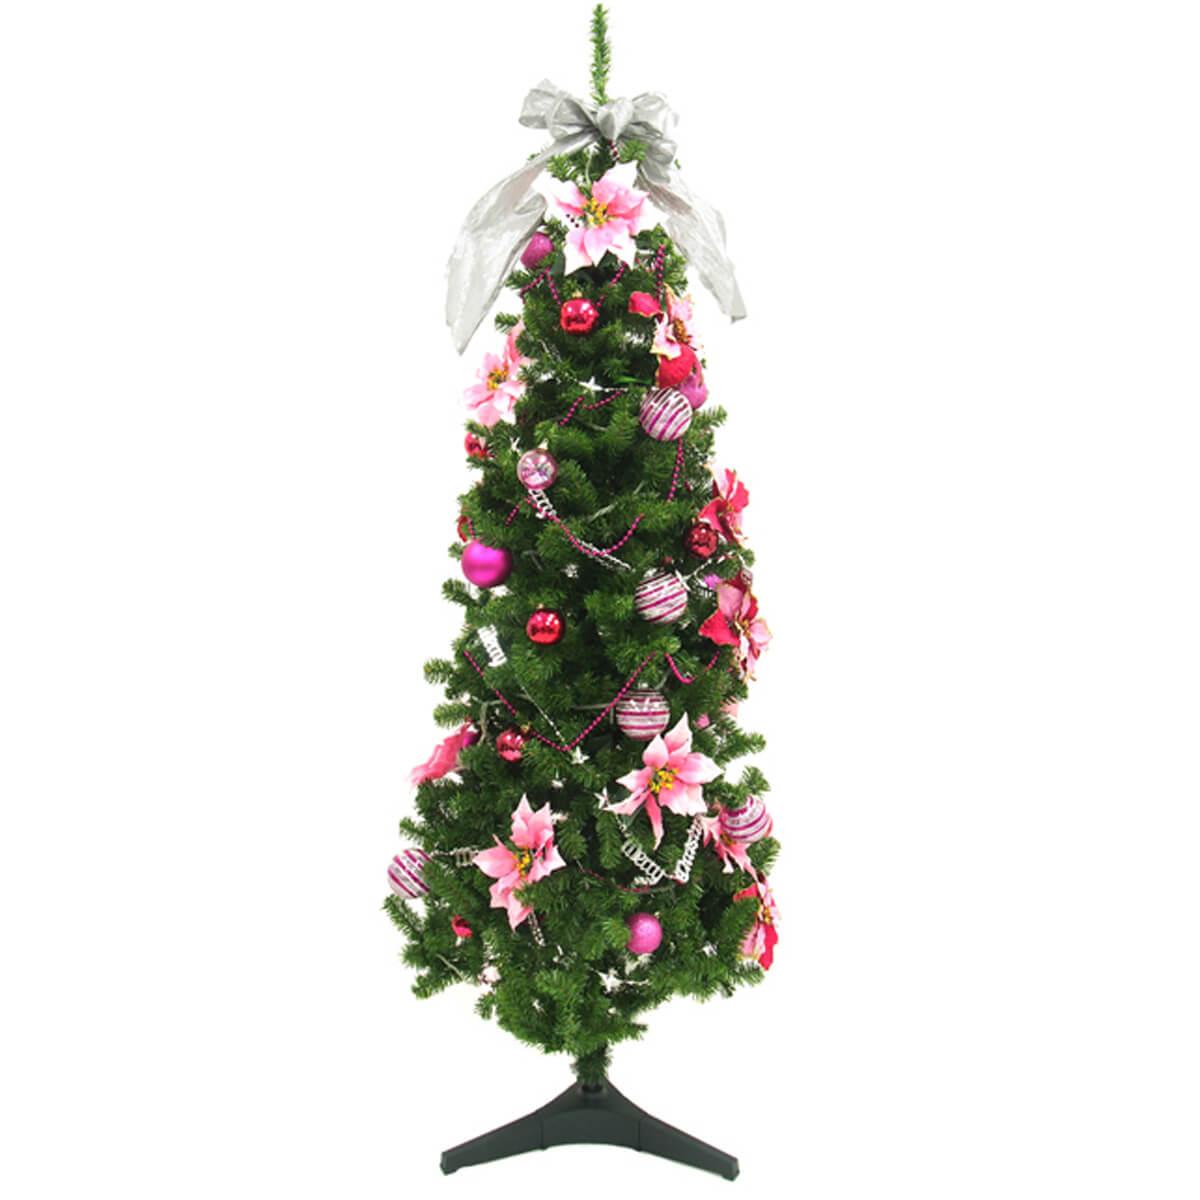 【PCH059 クリスマスツリー(ピンク)】クリスマス装飾 クリスマスツリー デコレーション オーナメント 飾り 冬装飾 送料無料